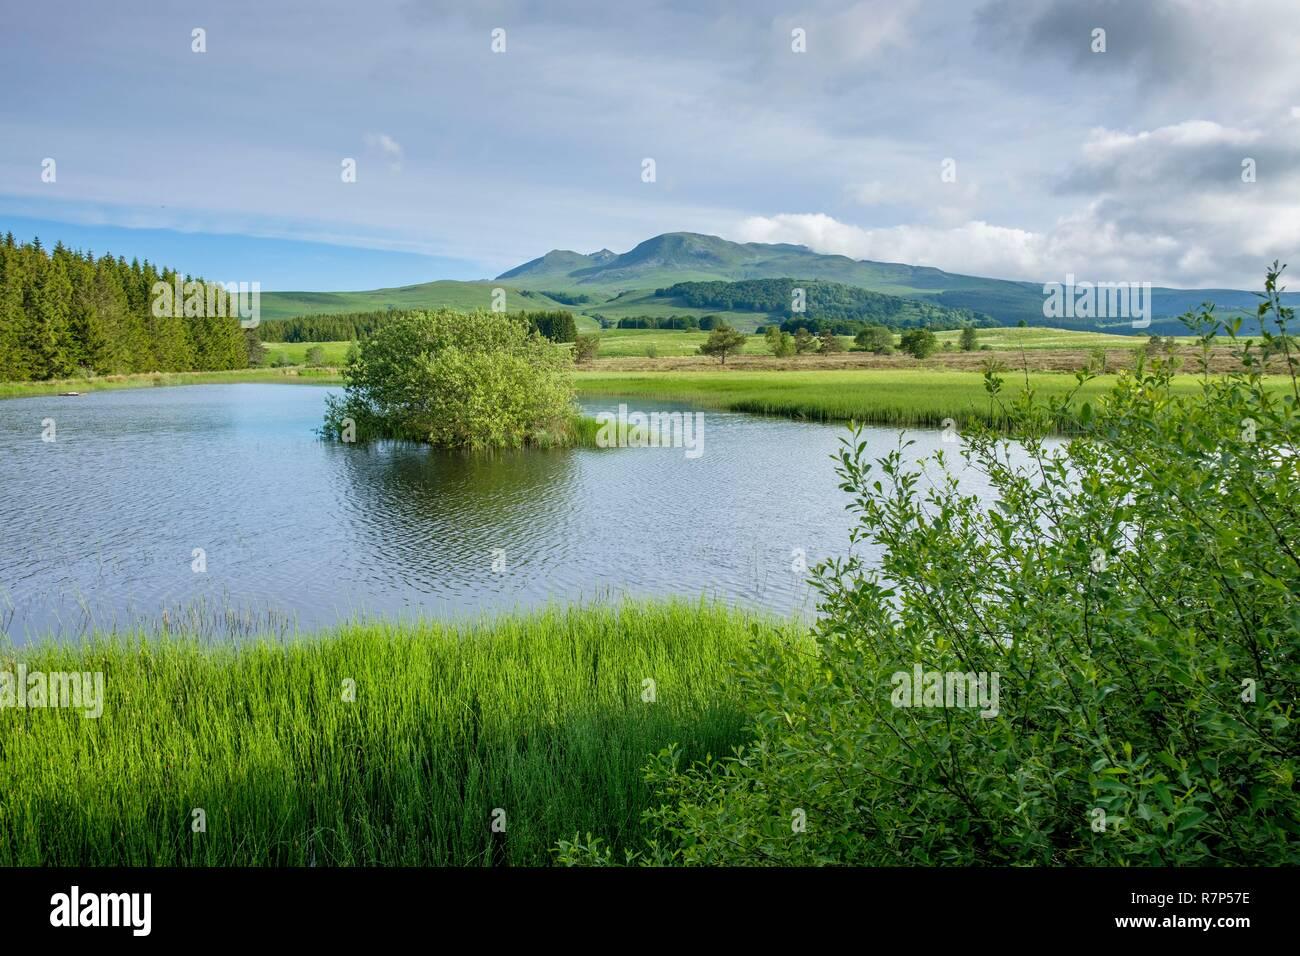 France, Puy de Dome, Parc Naturel Regional des Volcans d'Auvergne (Auvergne Volcanoes Natural Regional Park) - Stock Image